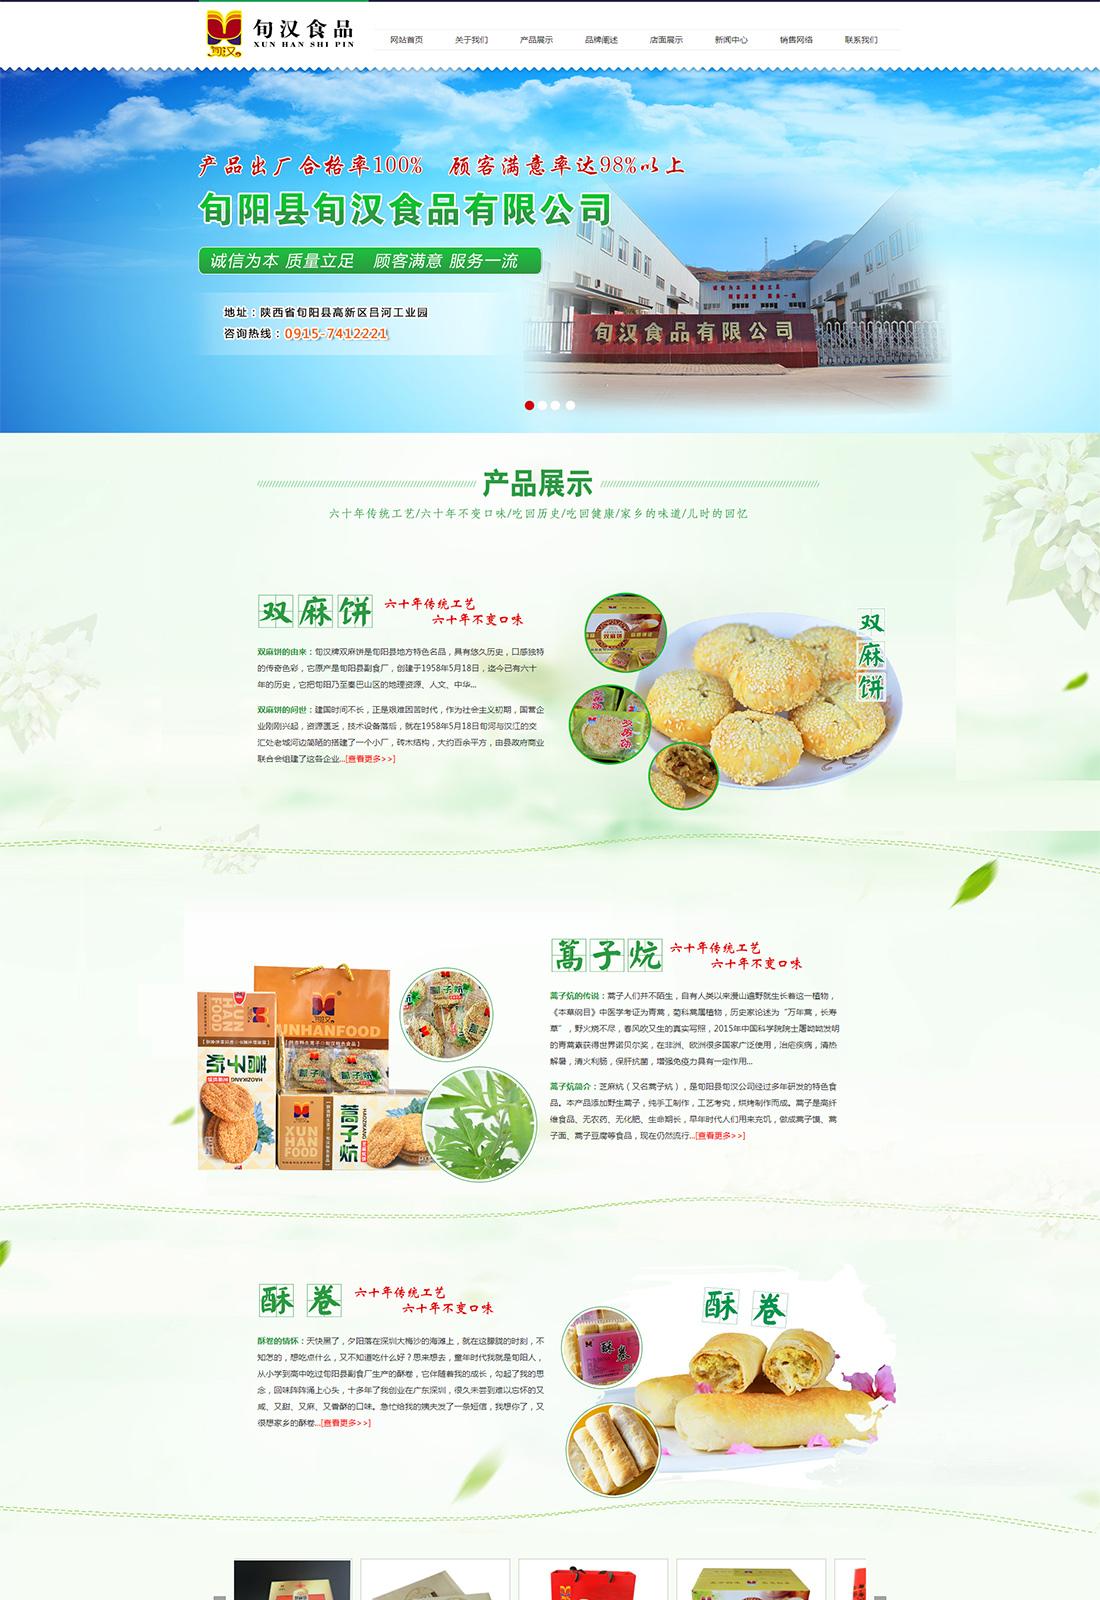 旬阳县旬汉食品有限公司